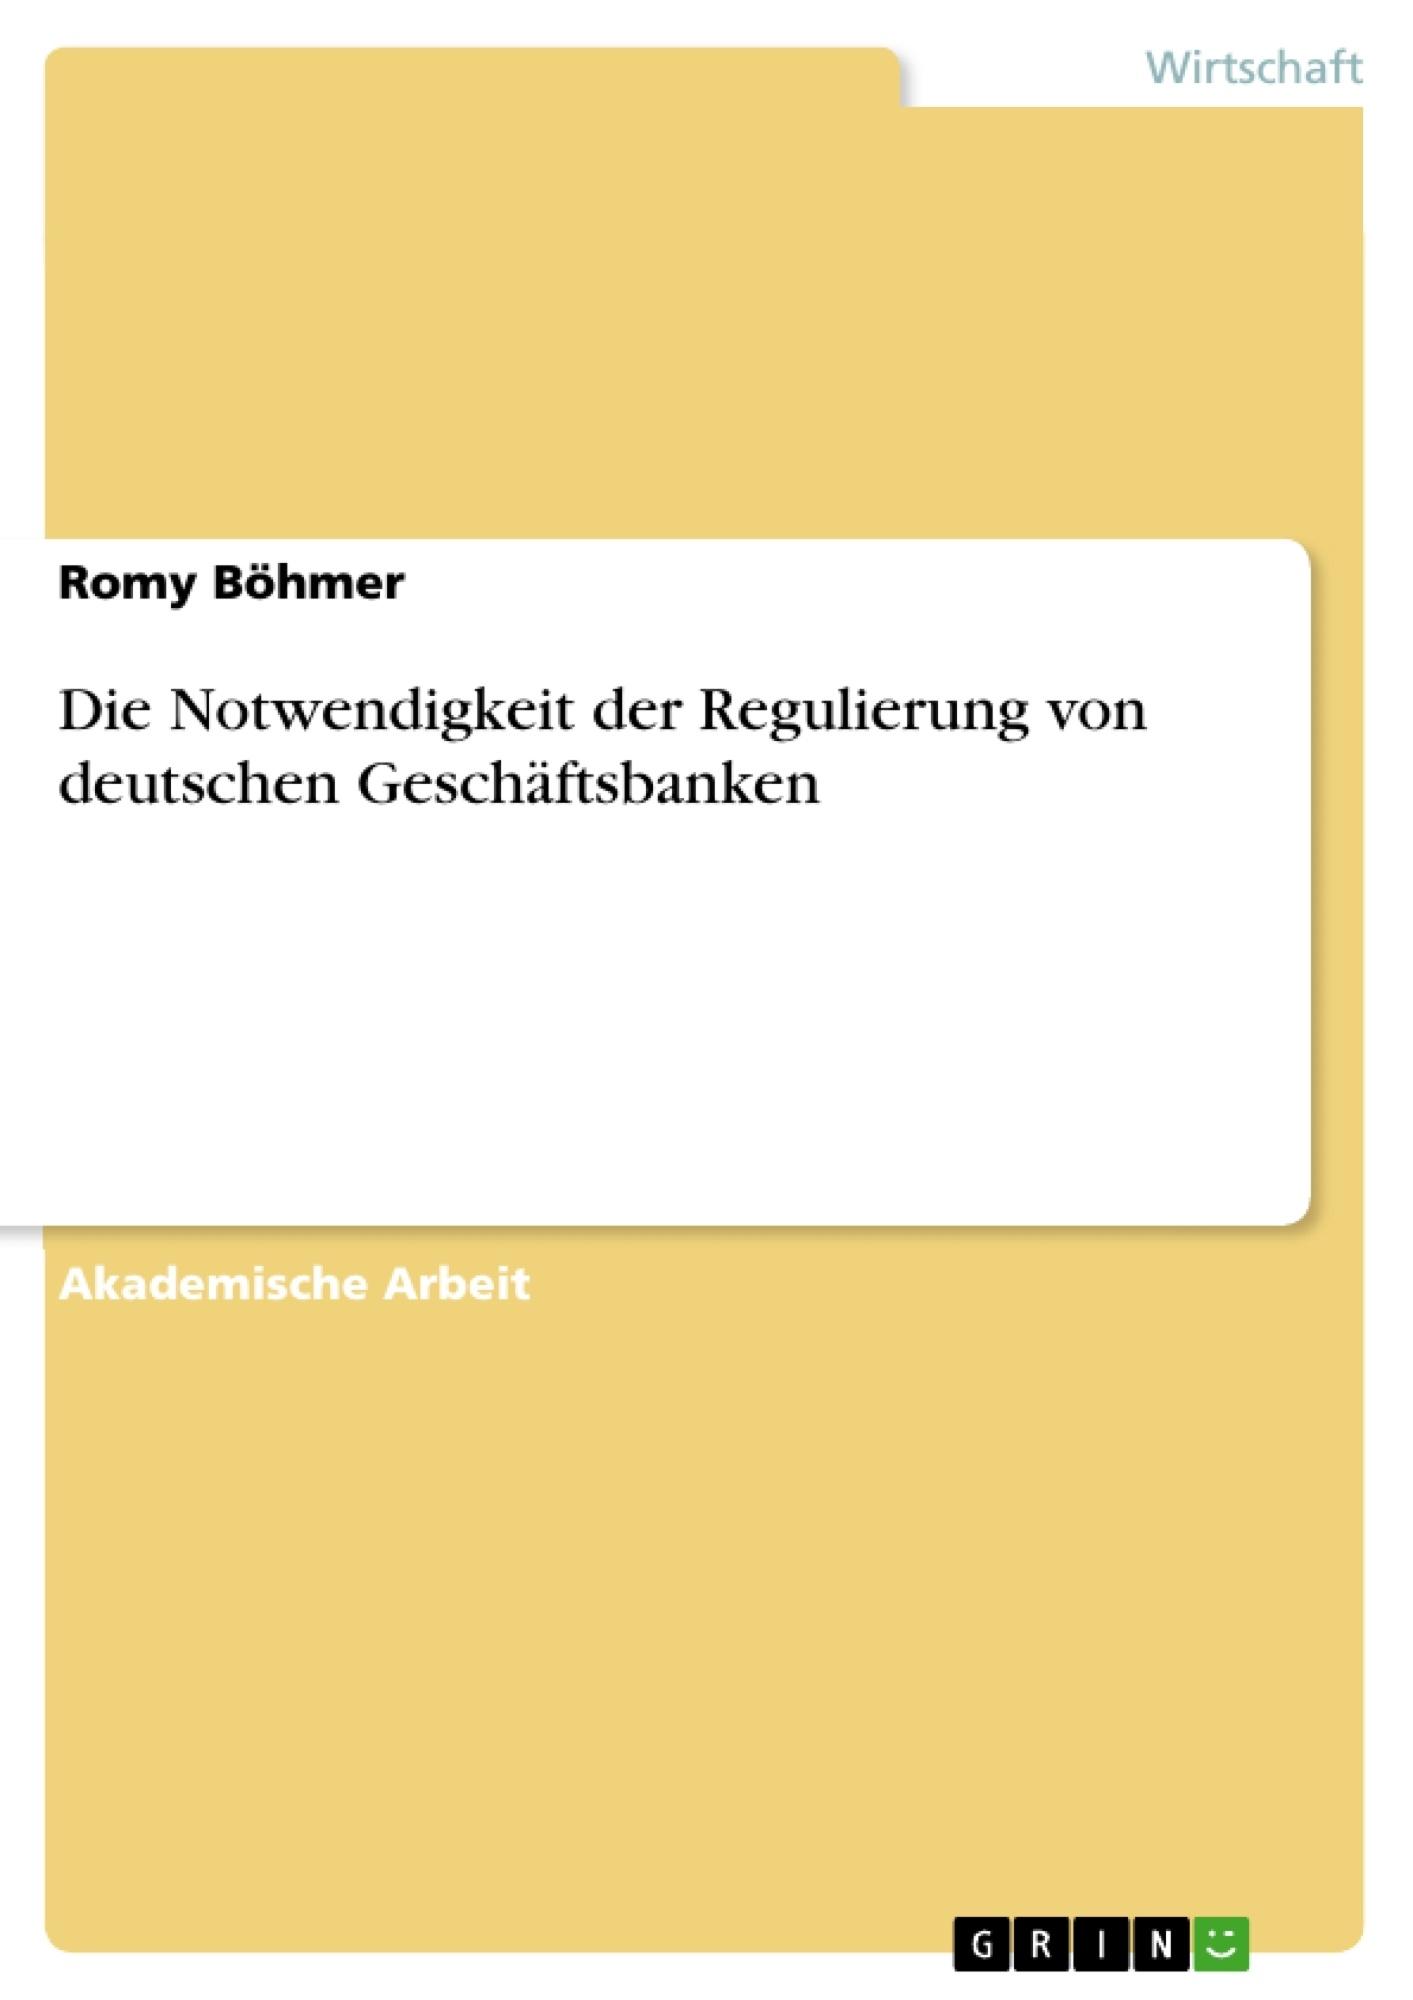 Titel: Die Notwendigkeit der Regulierung von deutschen Geschäftsbanken